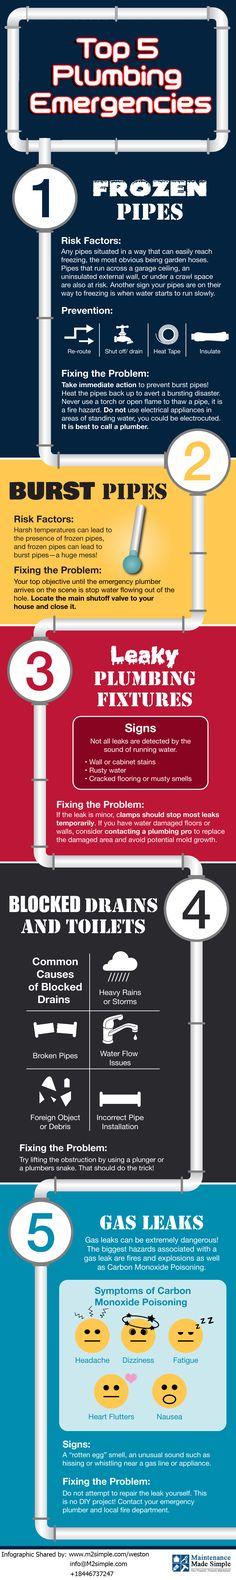 Top 5 Plumbing Emergencies